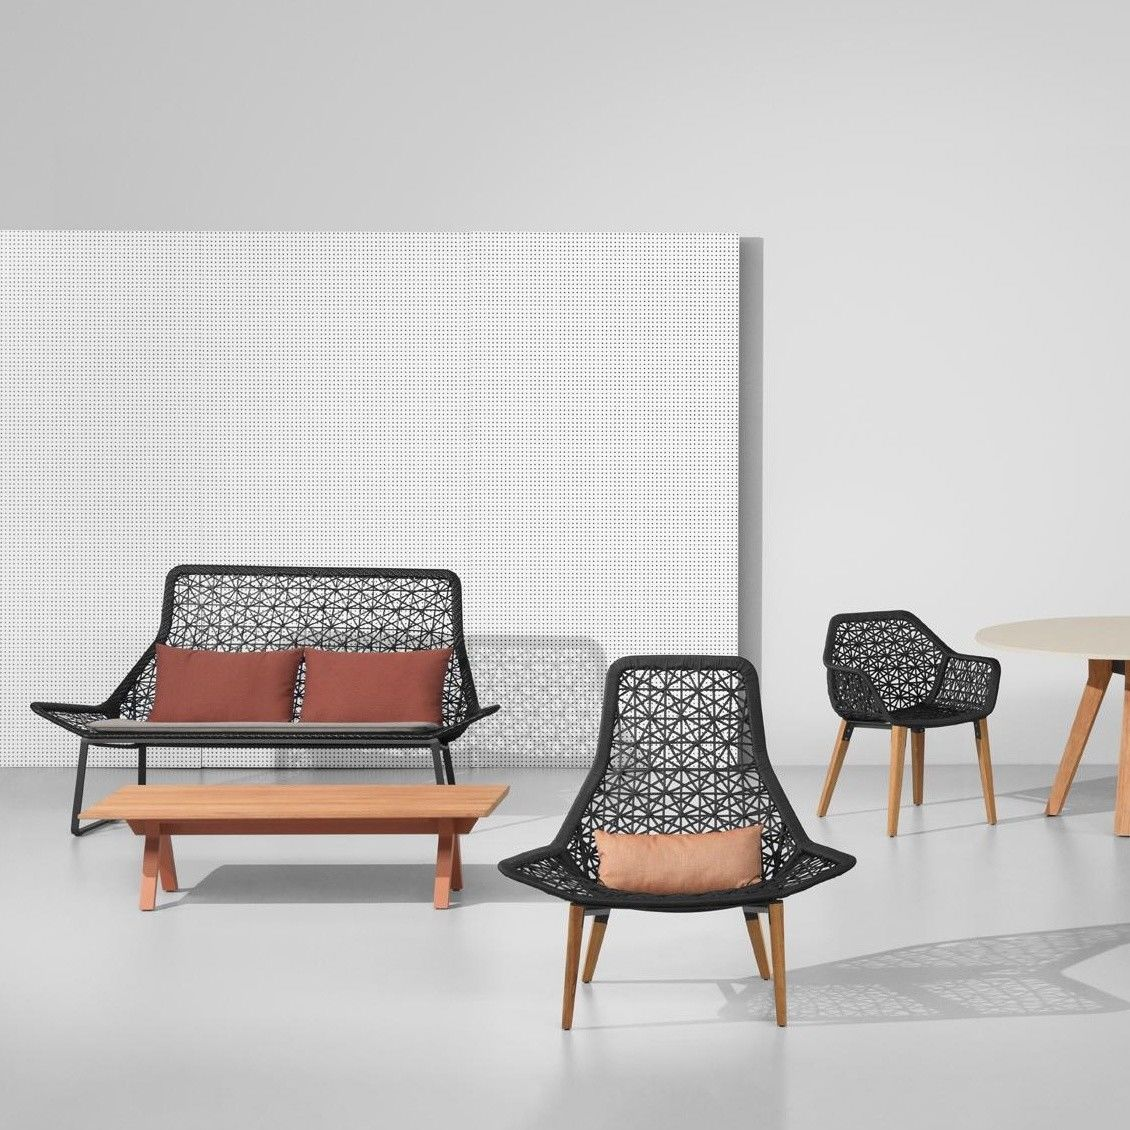 Gartensessel design  Maia Relax Sessel / Gartensessel | Kettal | AmbienteDirect.com